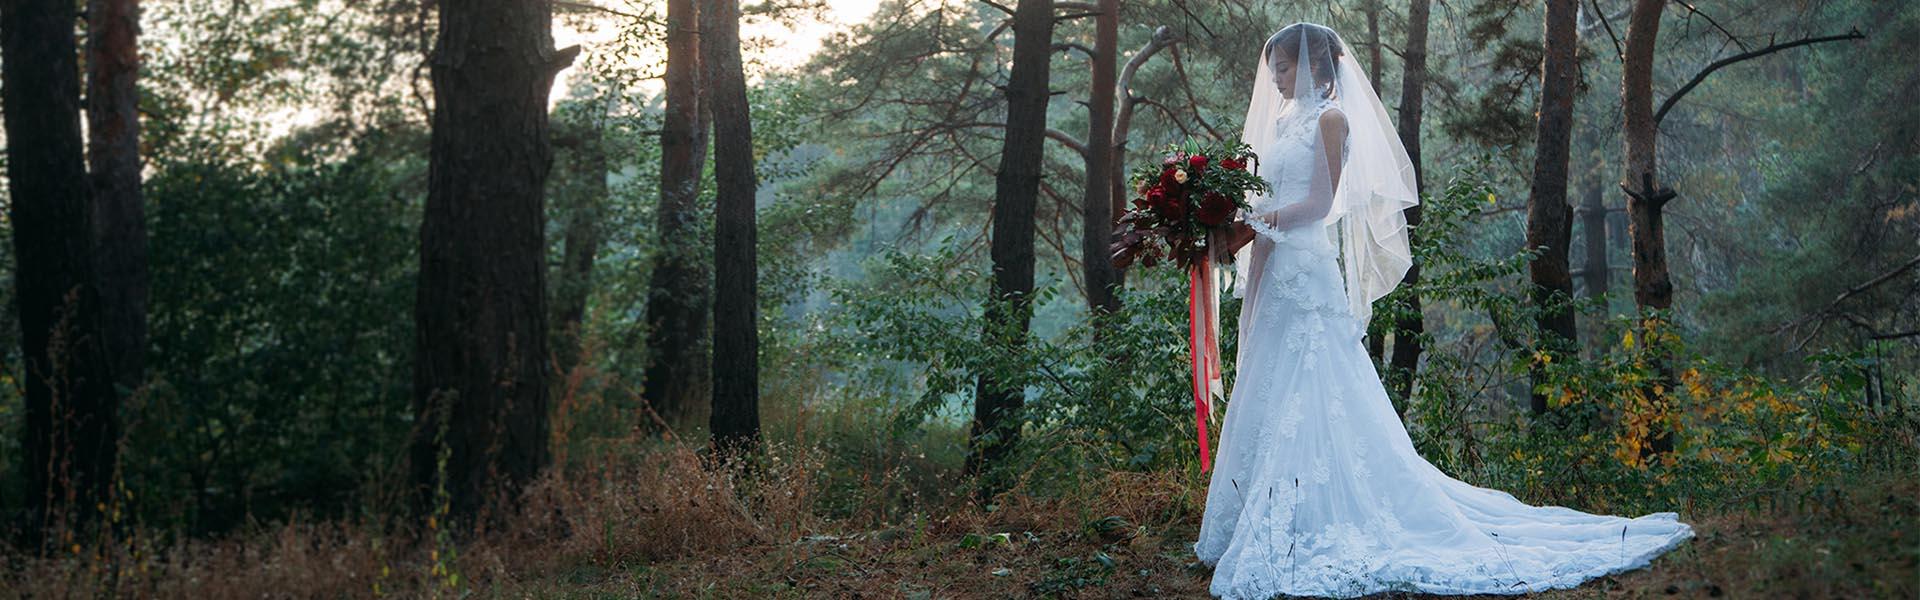 Фотосессия в Лесной сказке